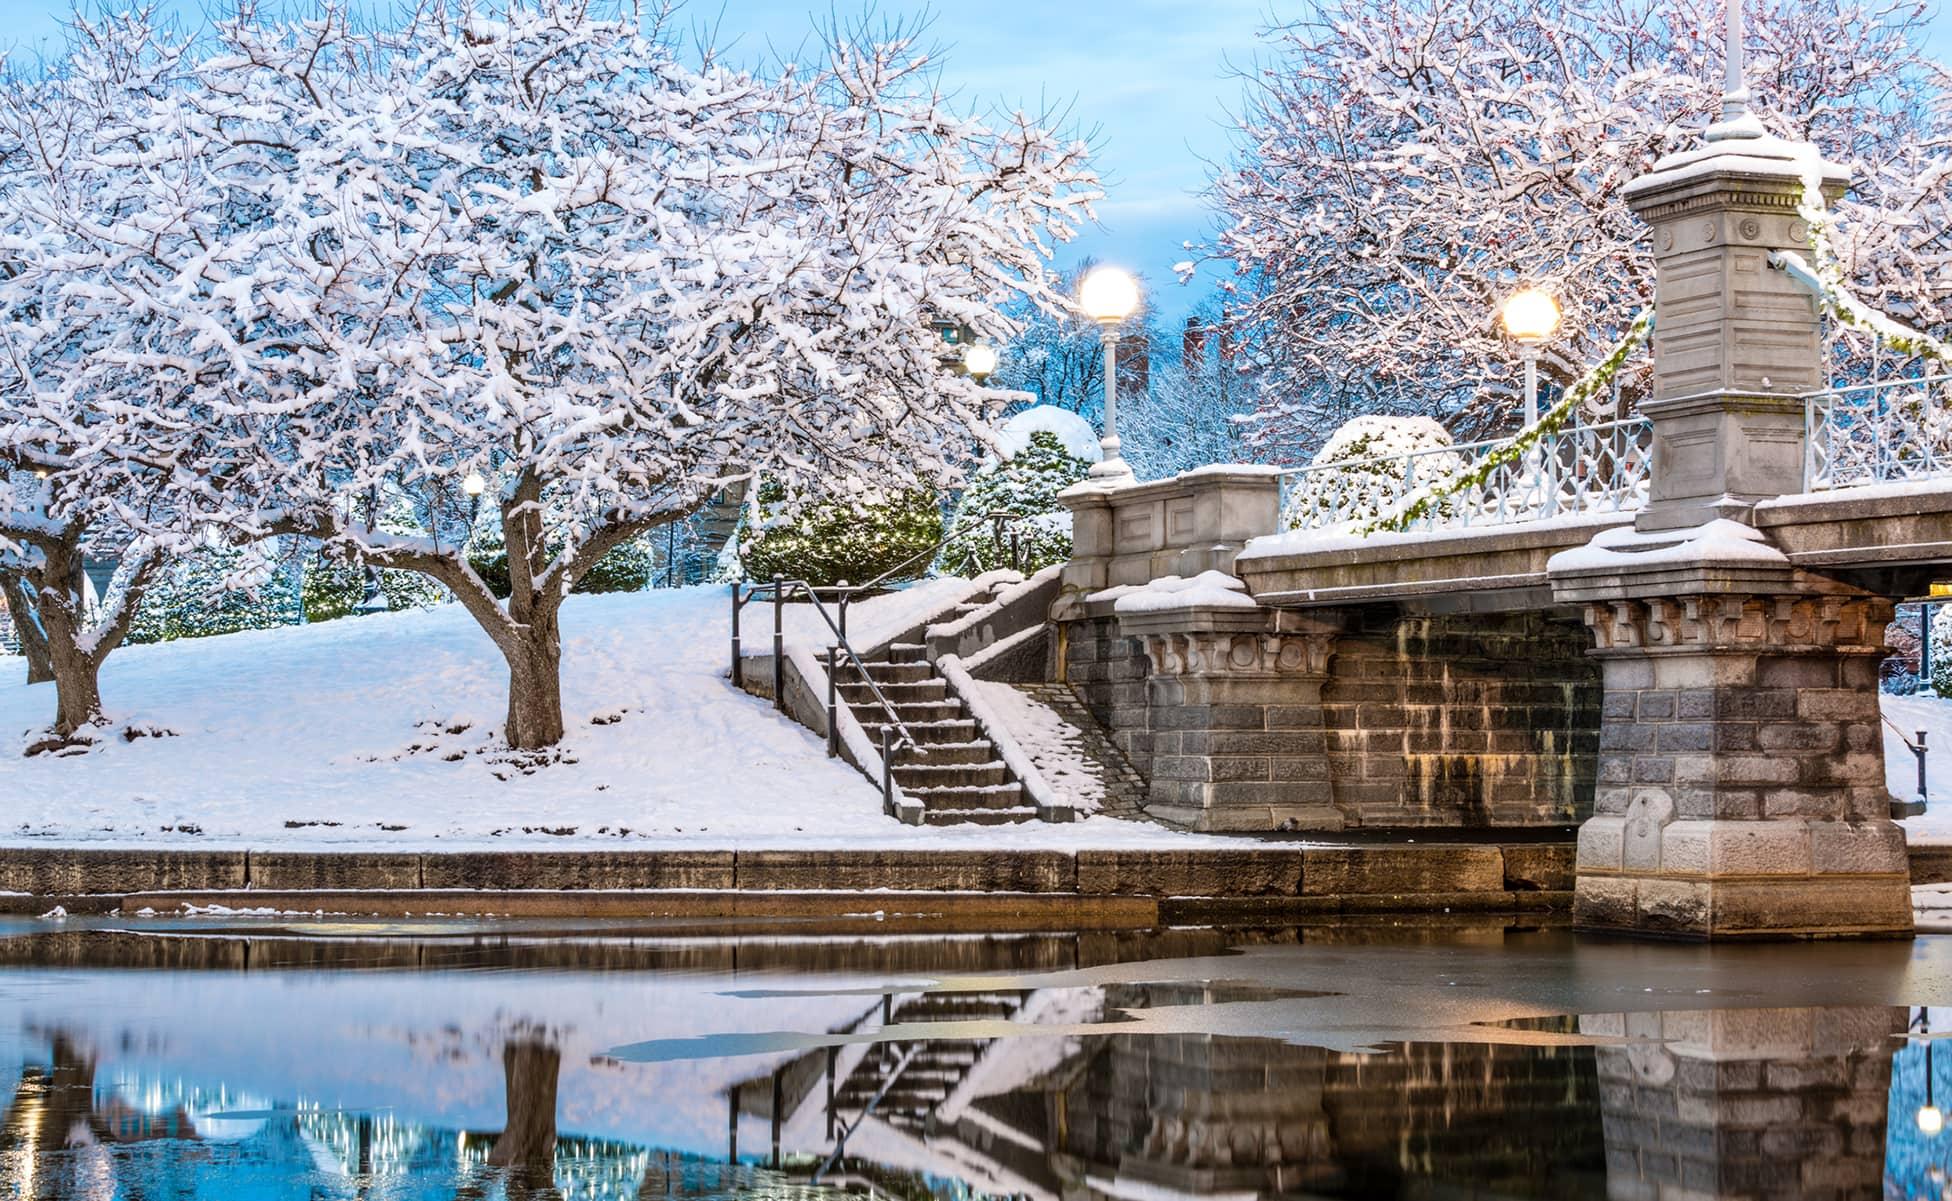 que hacer en boston en invierno-min